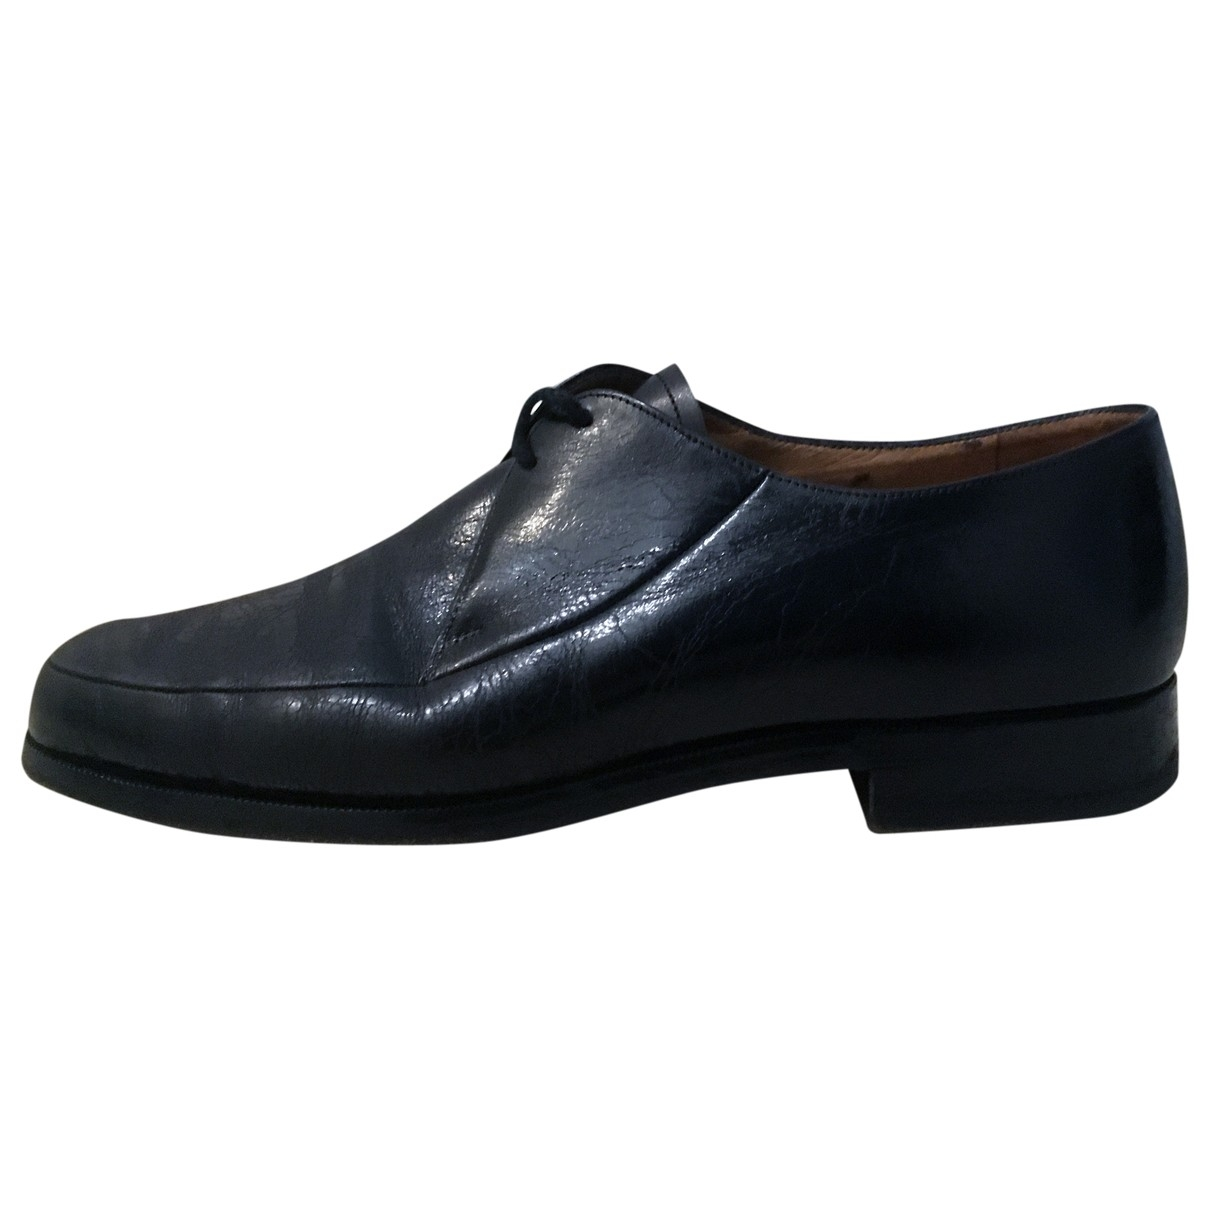 Bally - Derbies   pour homme en cuir - noir